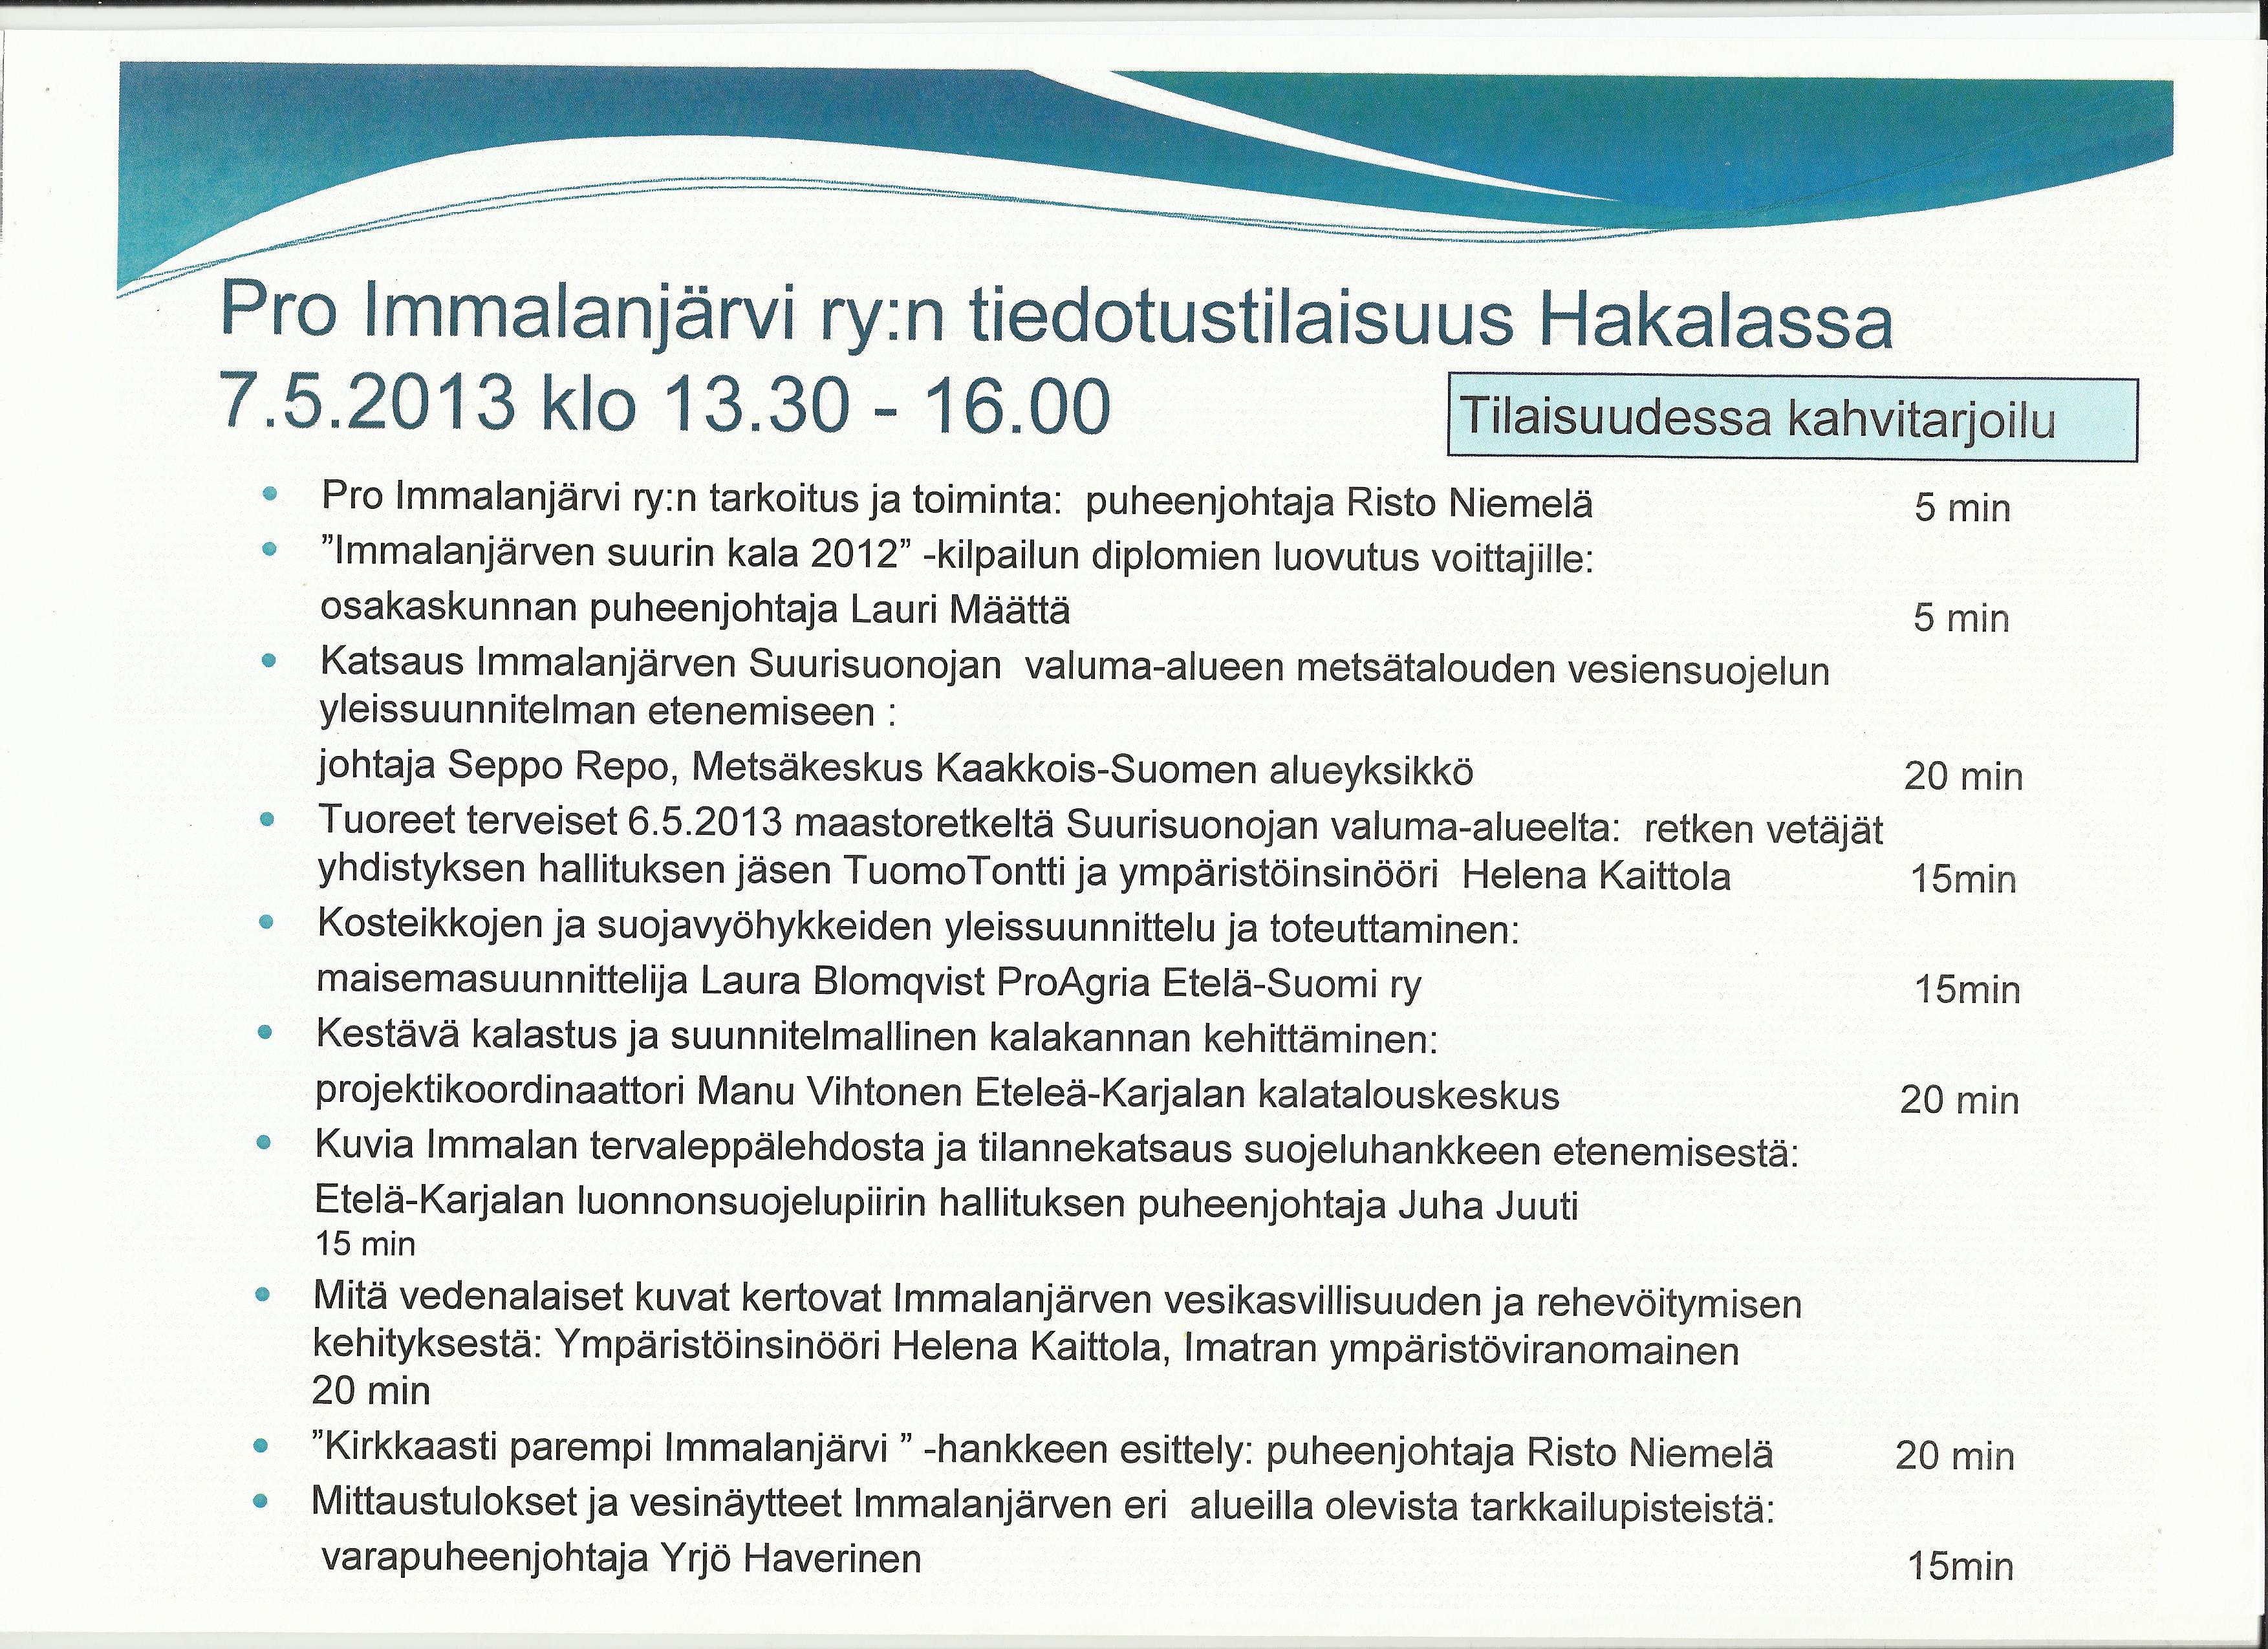 Pro Immalanjärvi ryn tiedotustilaisuus 7.5.2013